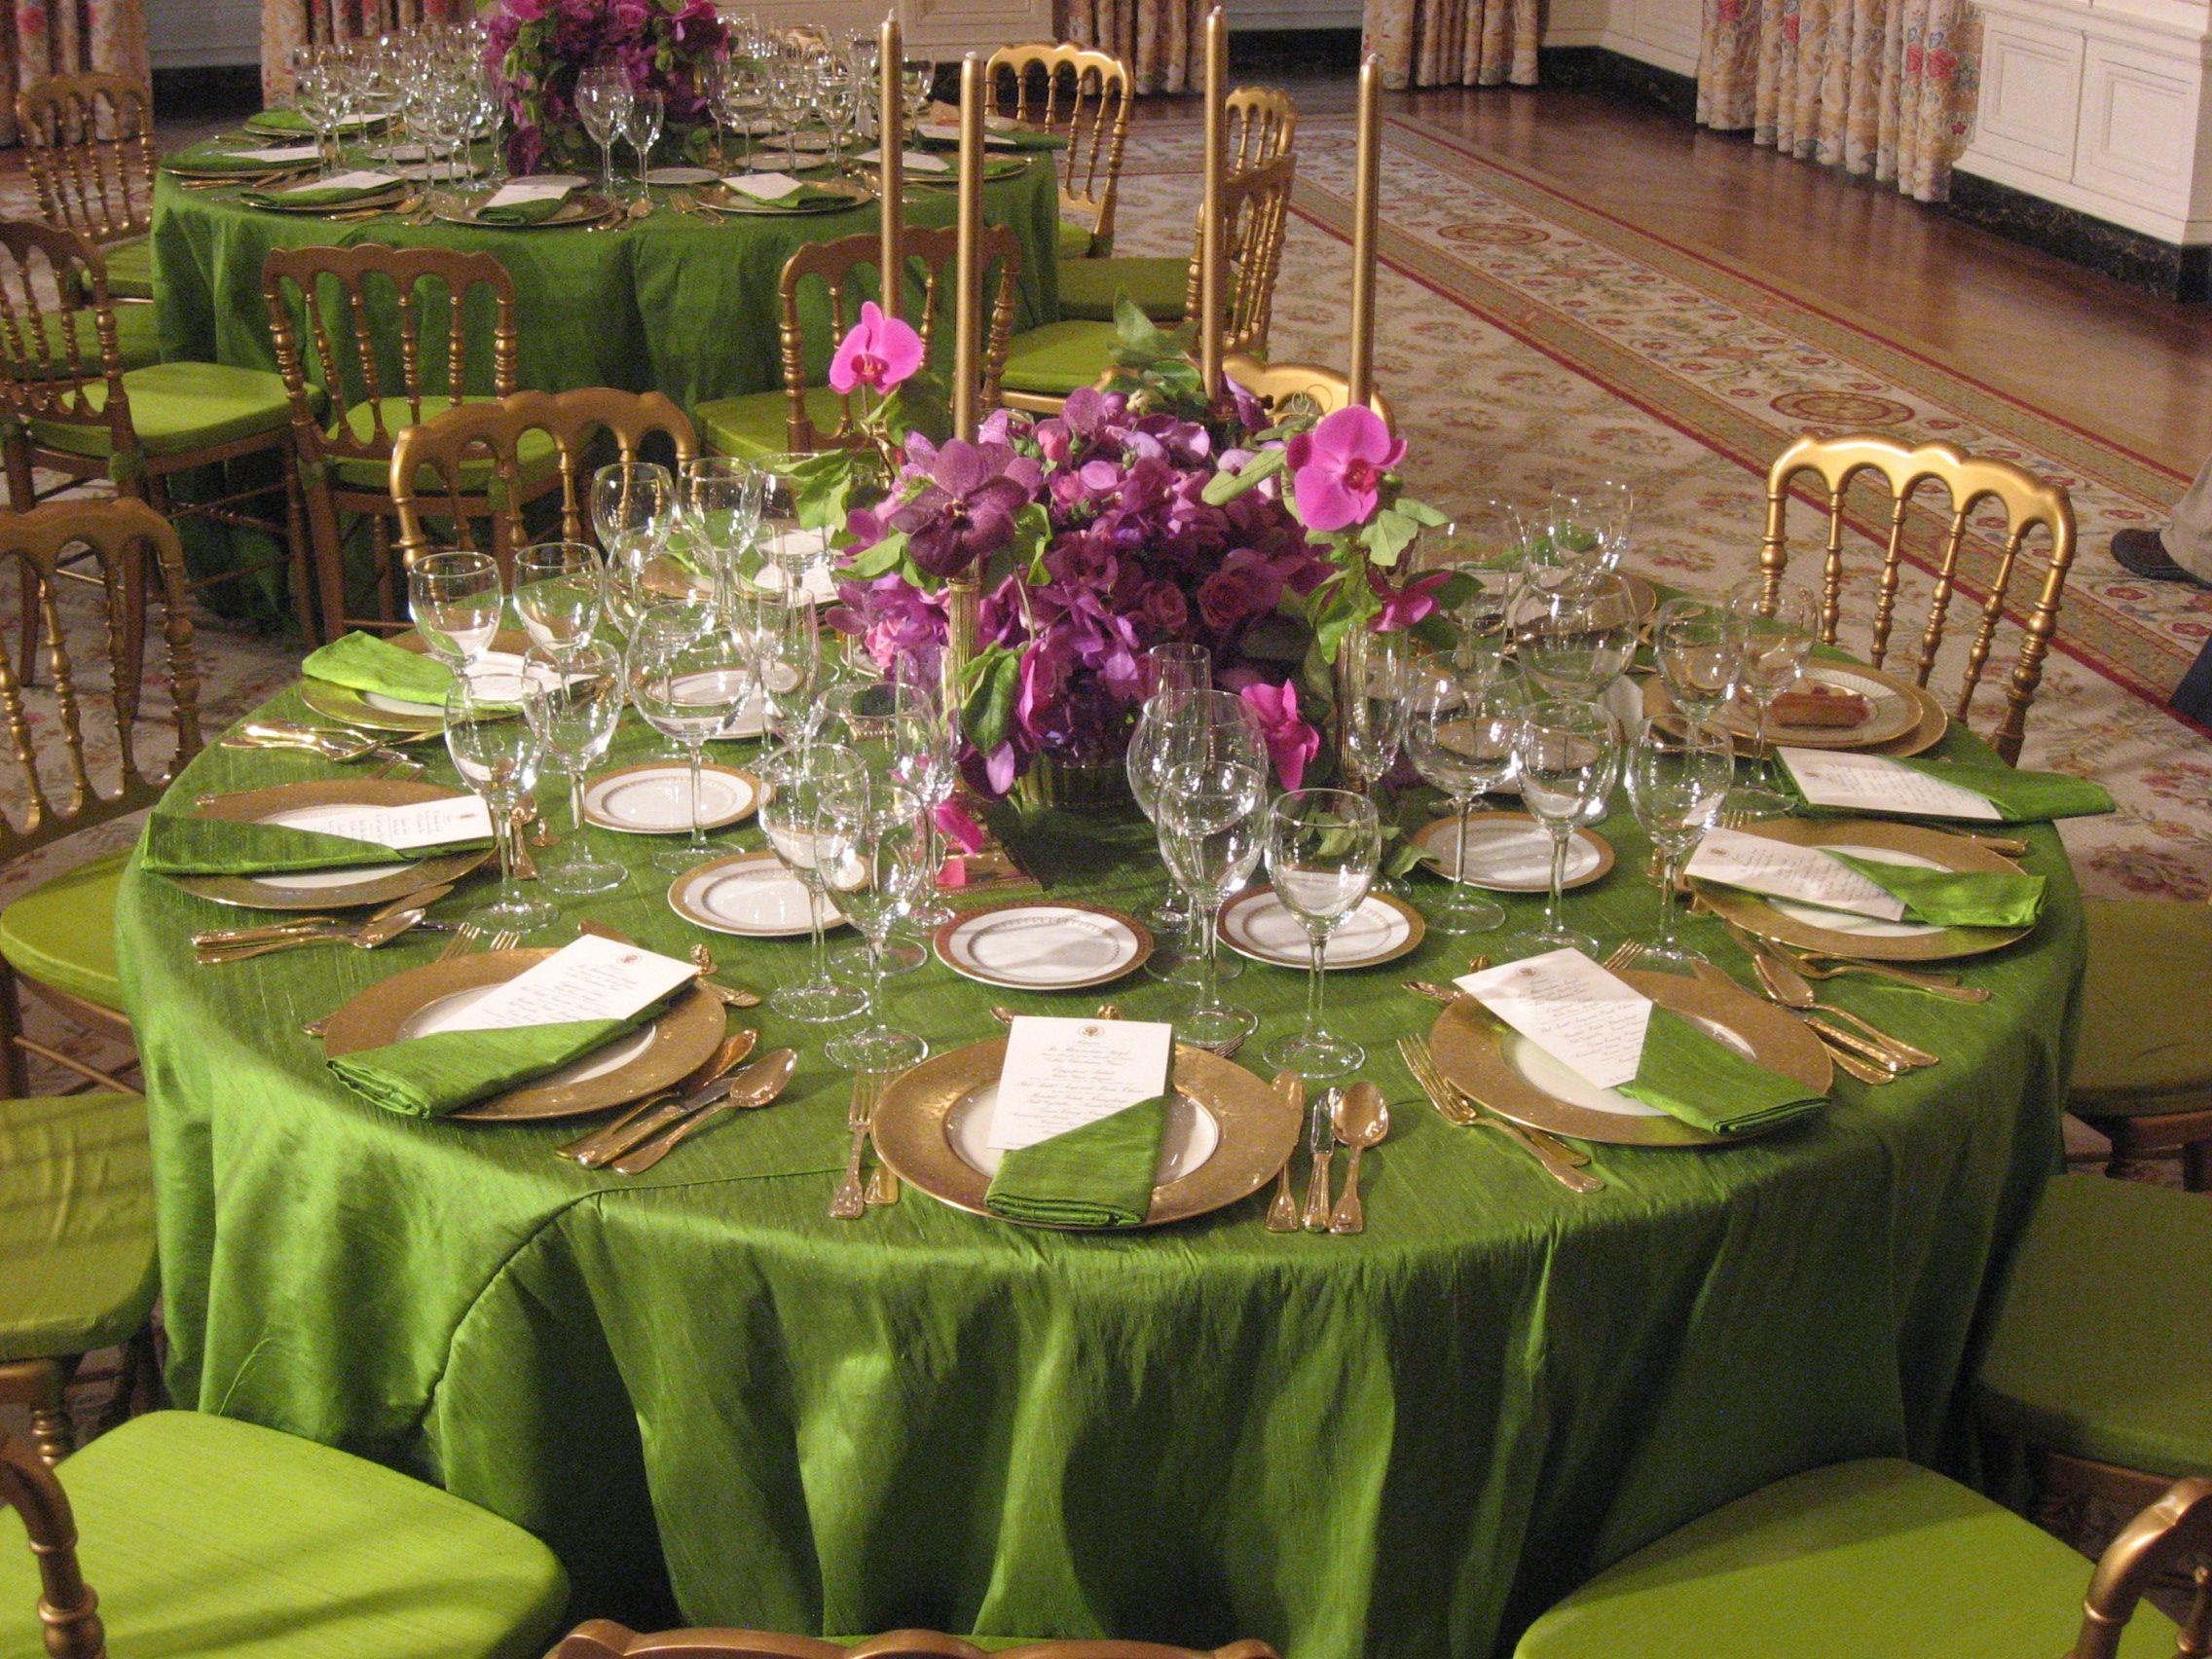 Dark Tablecloths On Dinner Tables Will Highlight Elegant